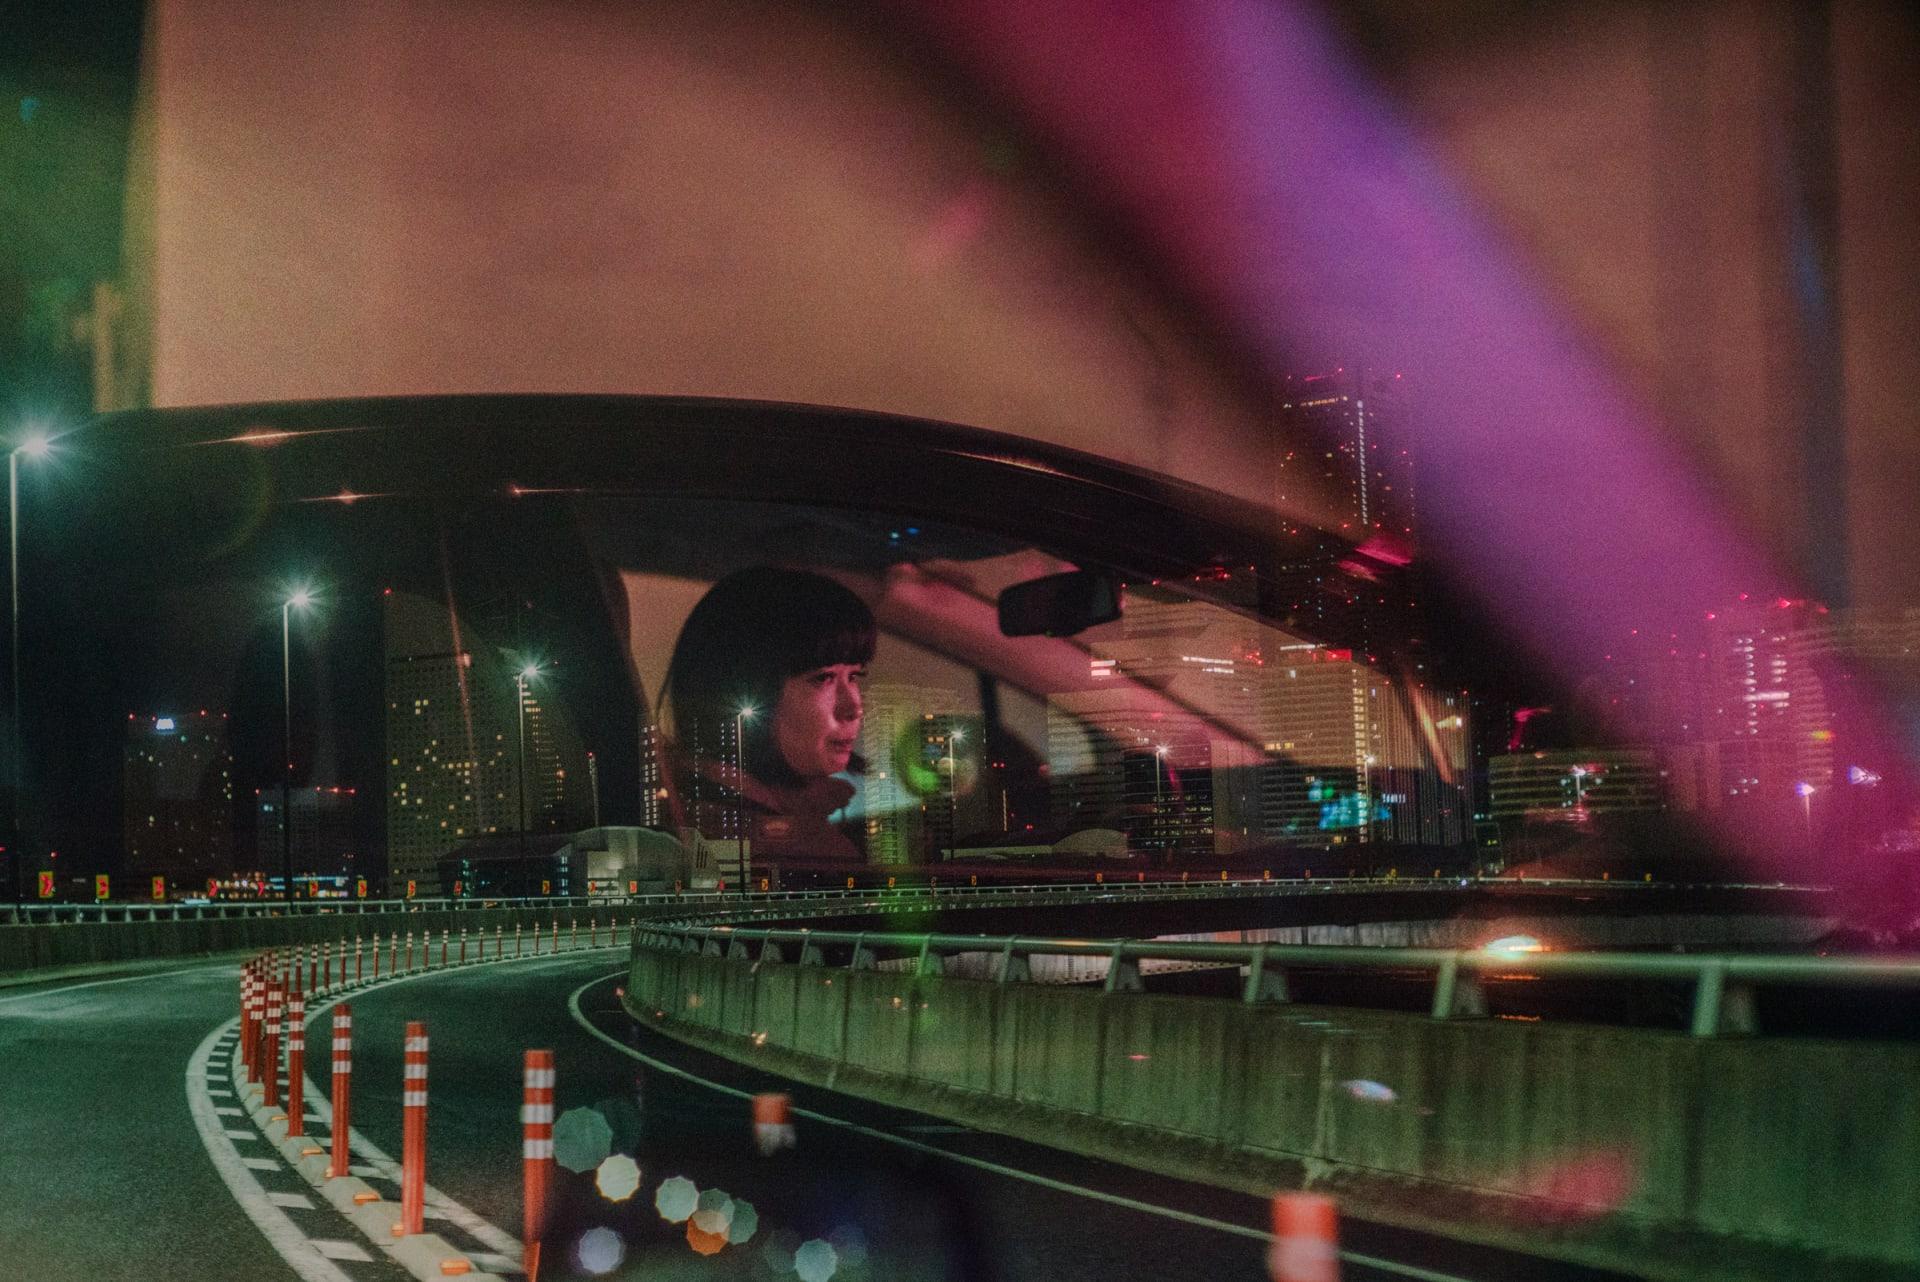 سائق سيارة أجرة يبرز جانباً مختلفاً لليابان بصور مجمعة